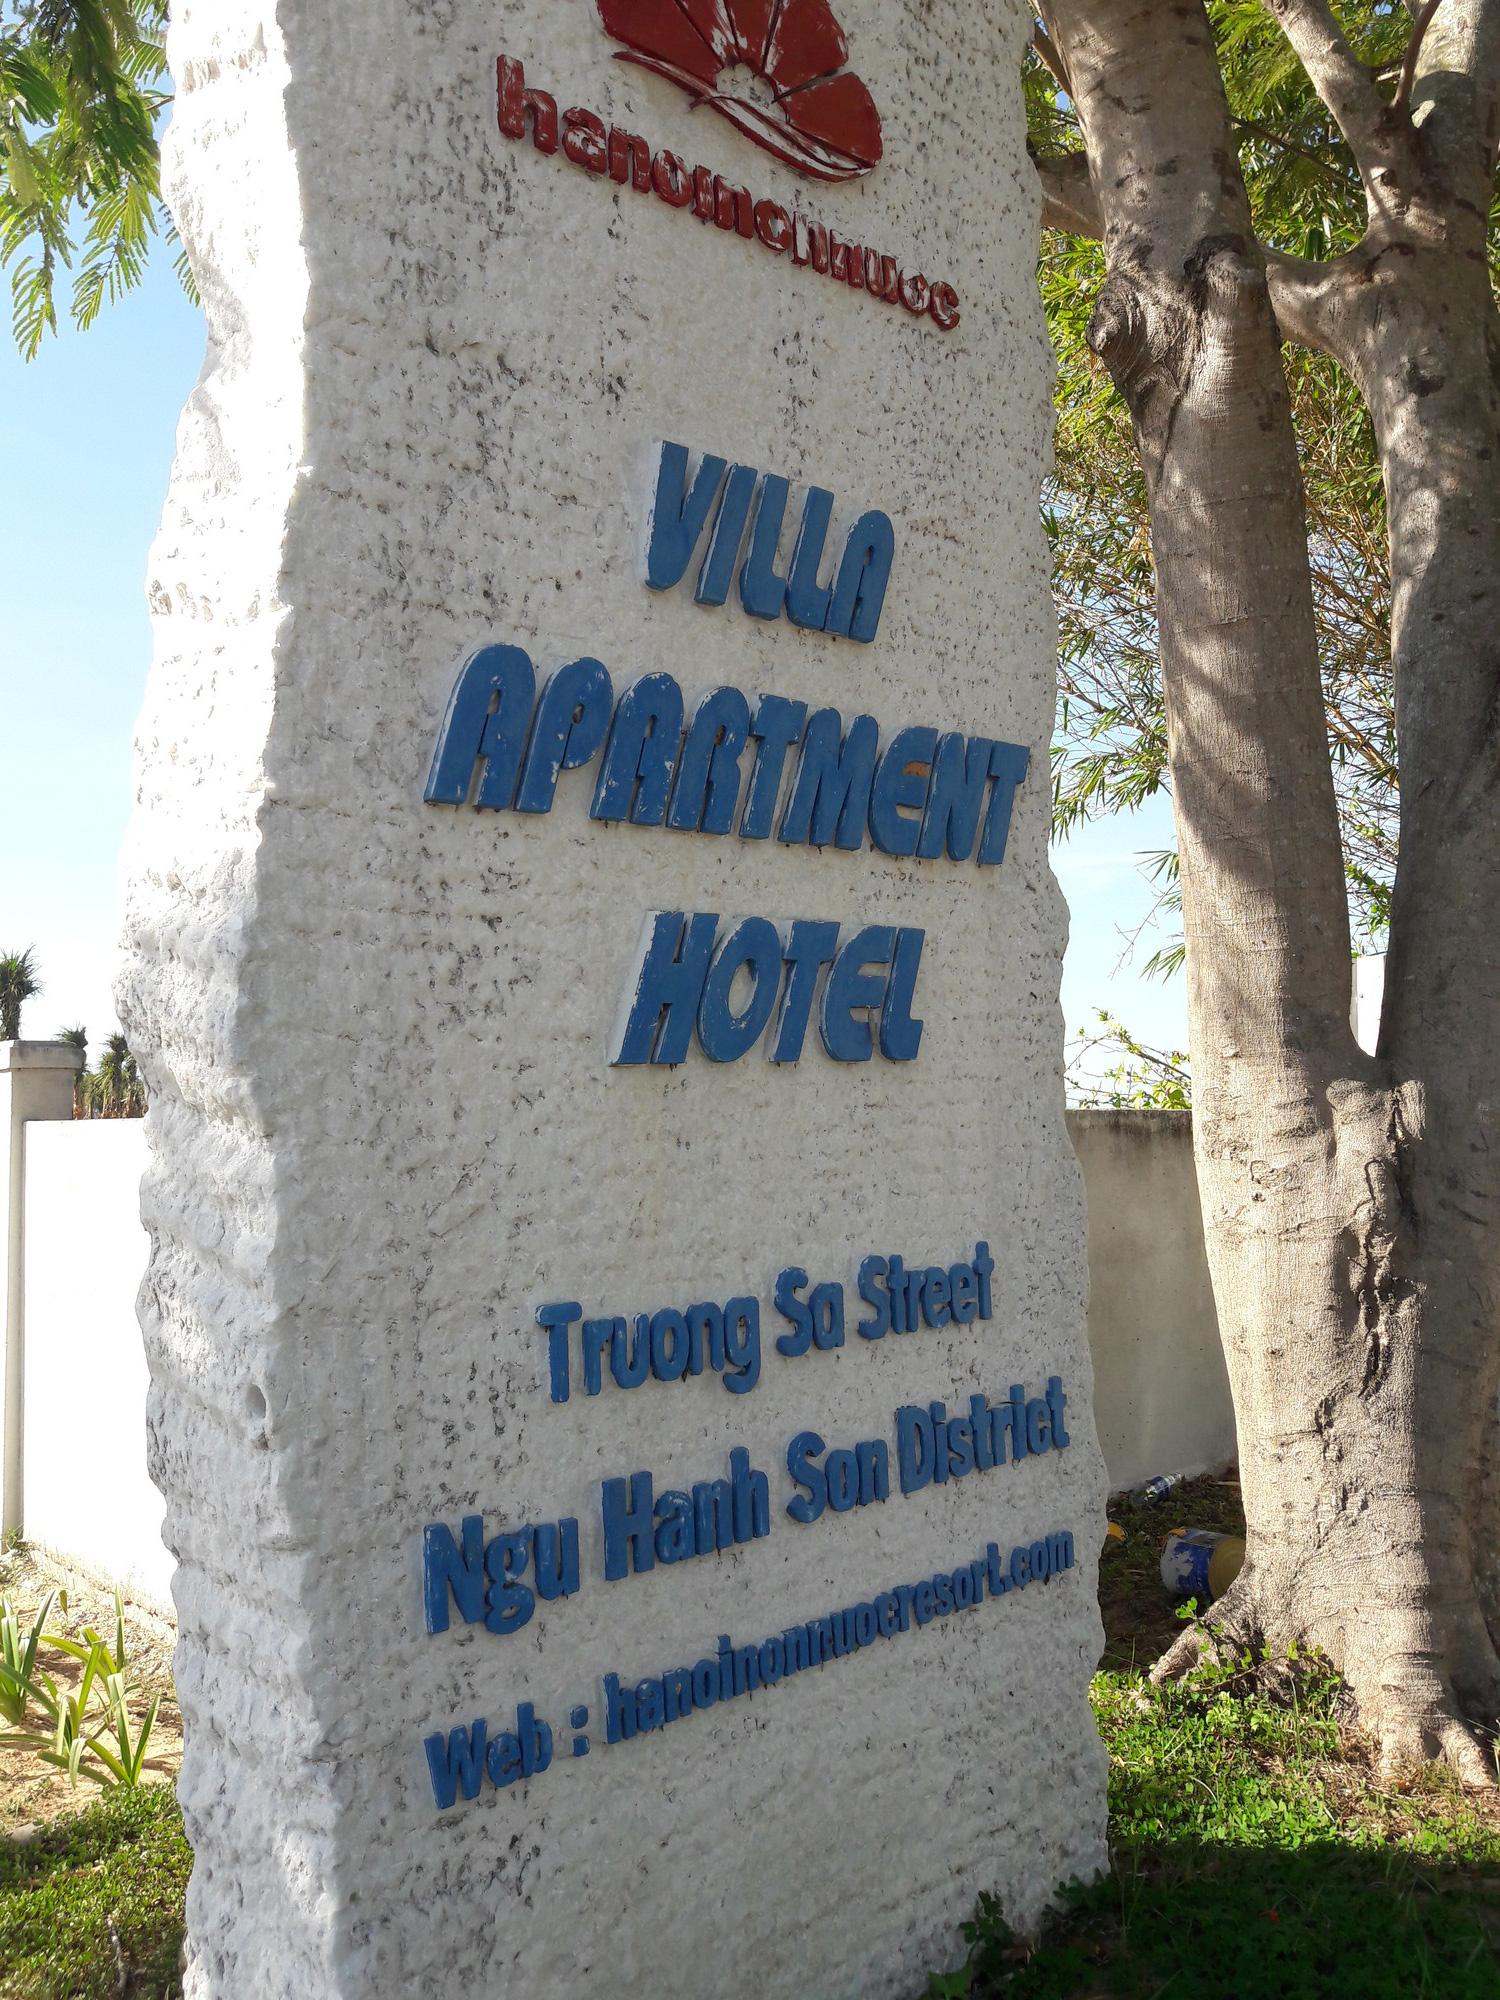 Cận cảnh dự án nghỉ dưỡng 756 tỉ đồng của công ty Đầu tư du lịch Hà Nội Non Nước xí phần rồi trễ hẹn 4 năm ở Đà Nẵng - Ảnh 7.